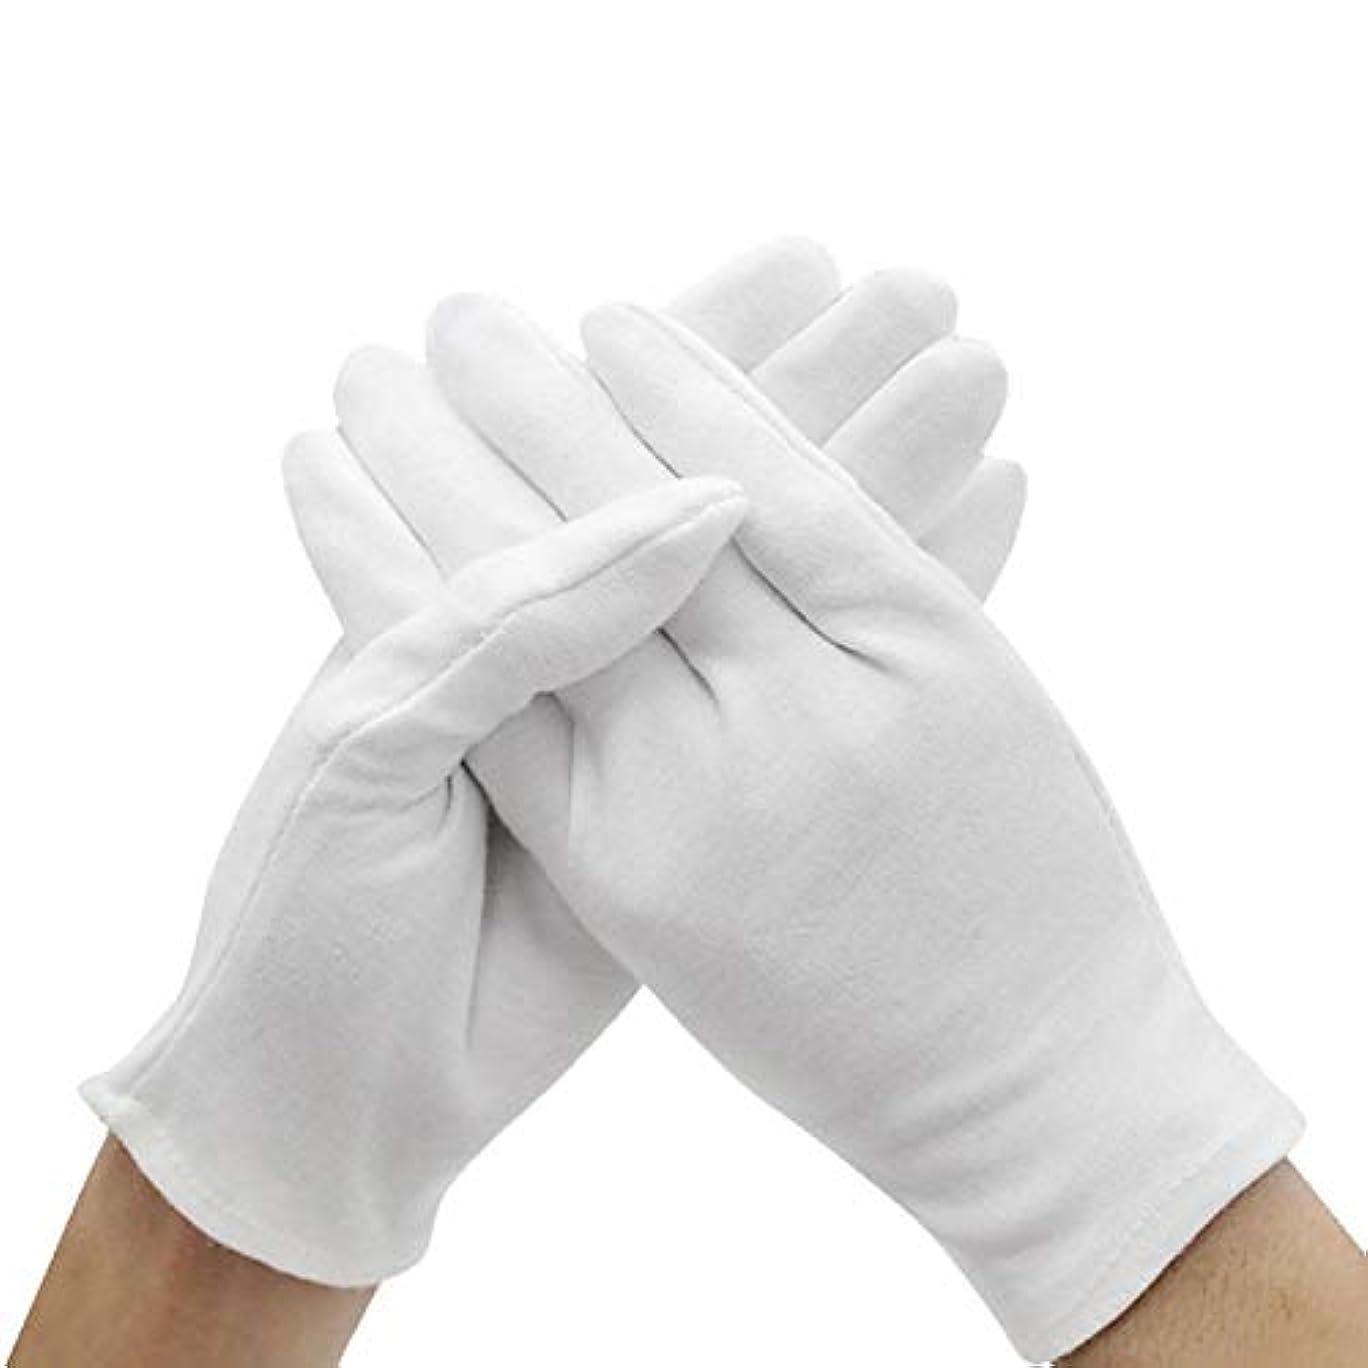 良心常習者セッションコットン手袋 綿 手荒れ予防 【湿疹用 乾燥肌用 保湿用 礼装用】純綿100% 白手袋 作業用 インナー手袋,ワンサイズ,エチケットの機会